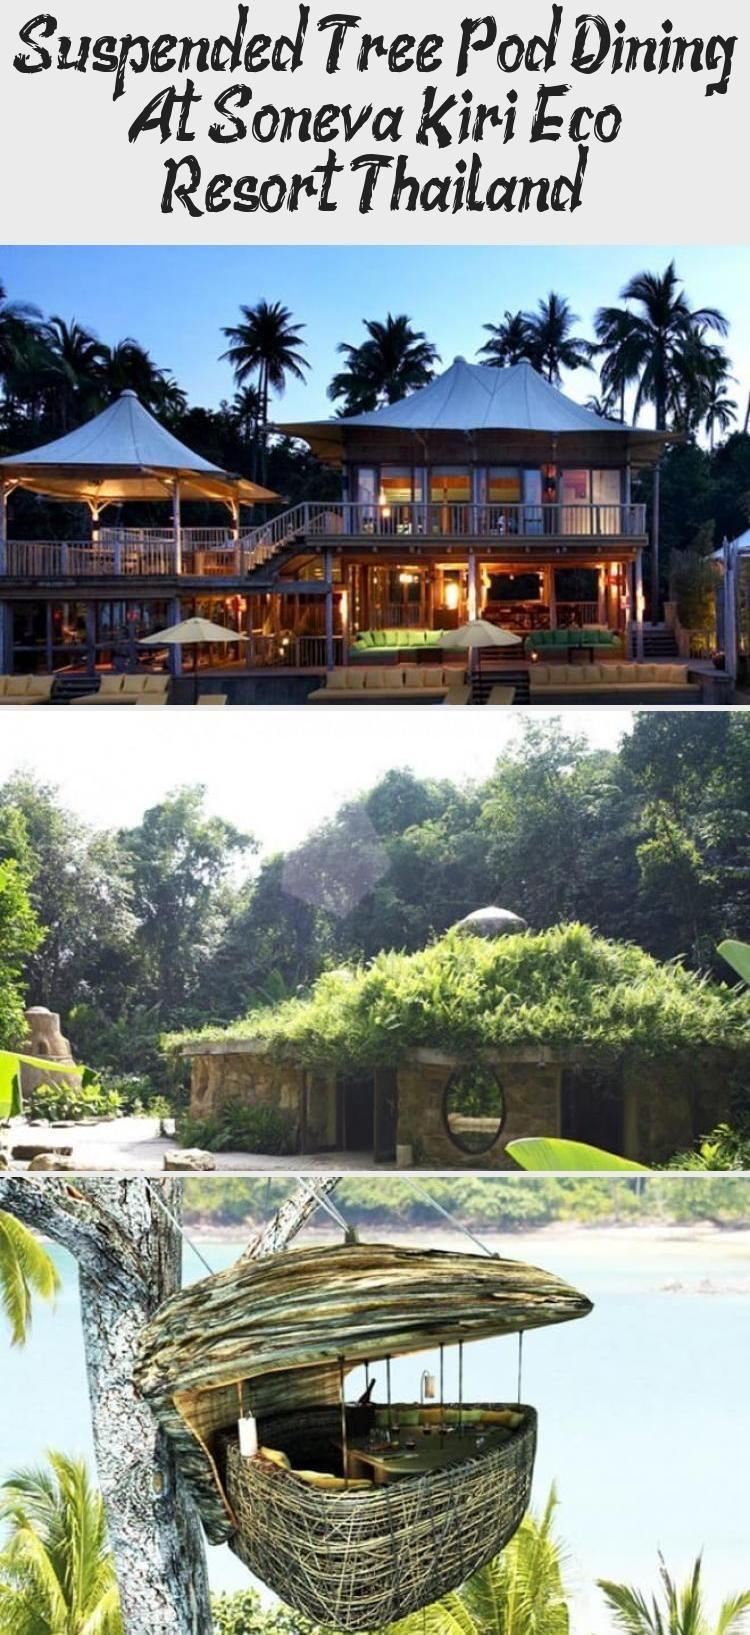 Suspended Tree Pod Dining At Soneva Kiri Eco Resort Thailand